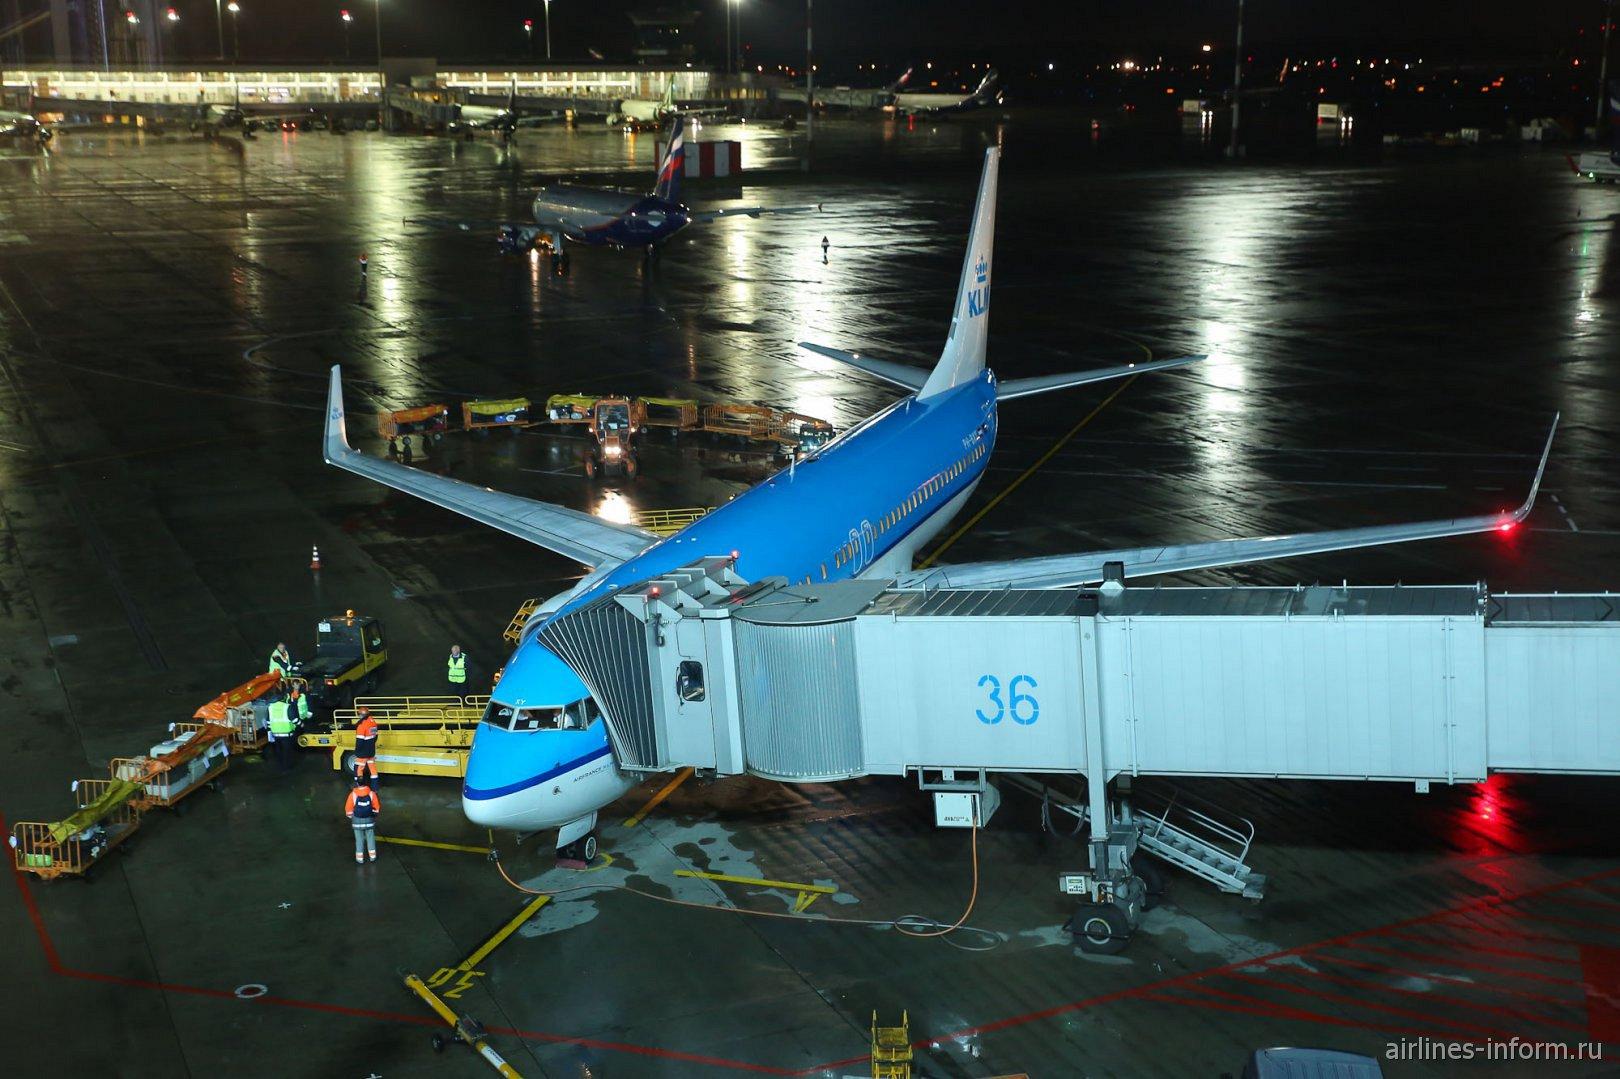 Боинг-737-800 авиакомпании KLM в аэропорту Шереметьево